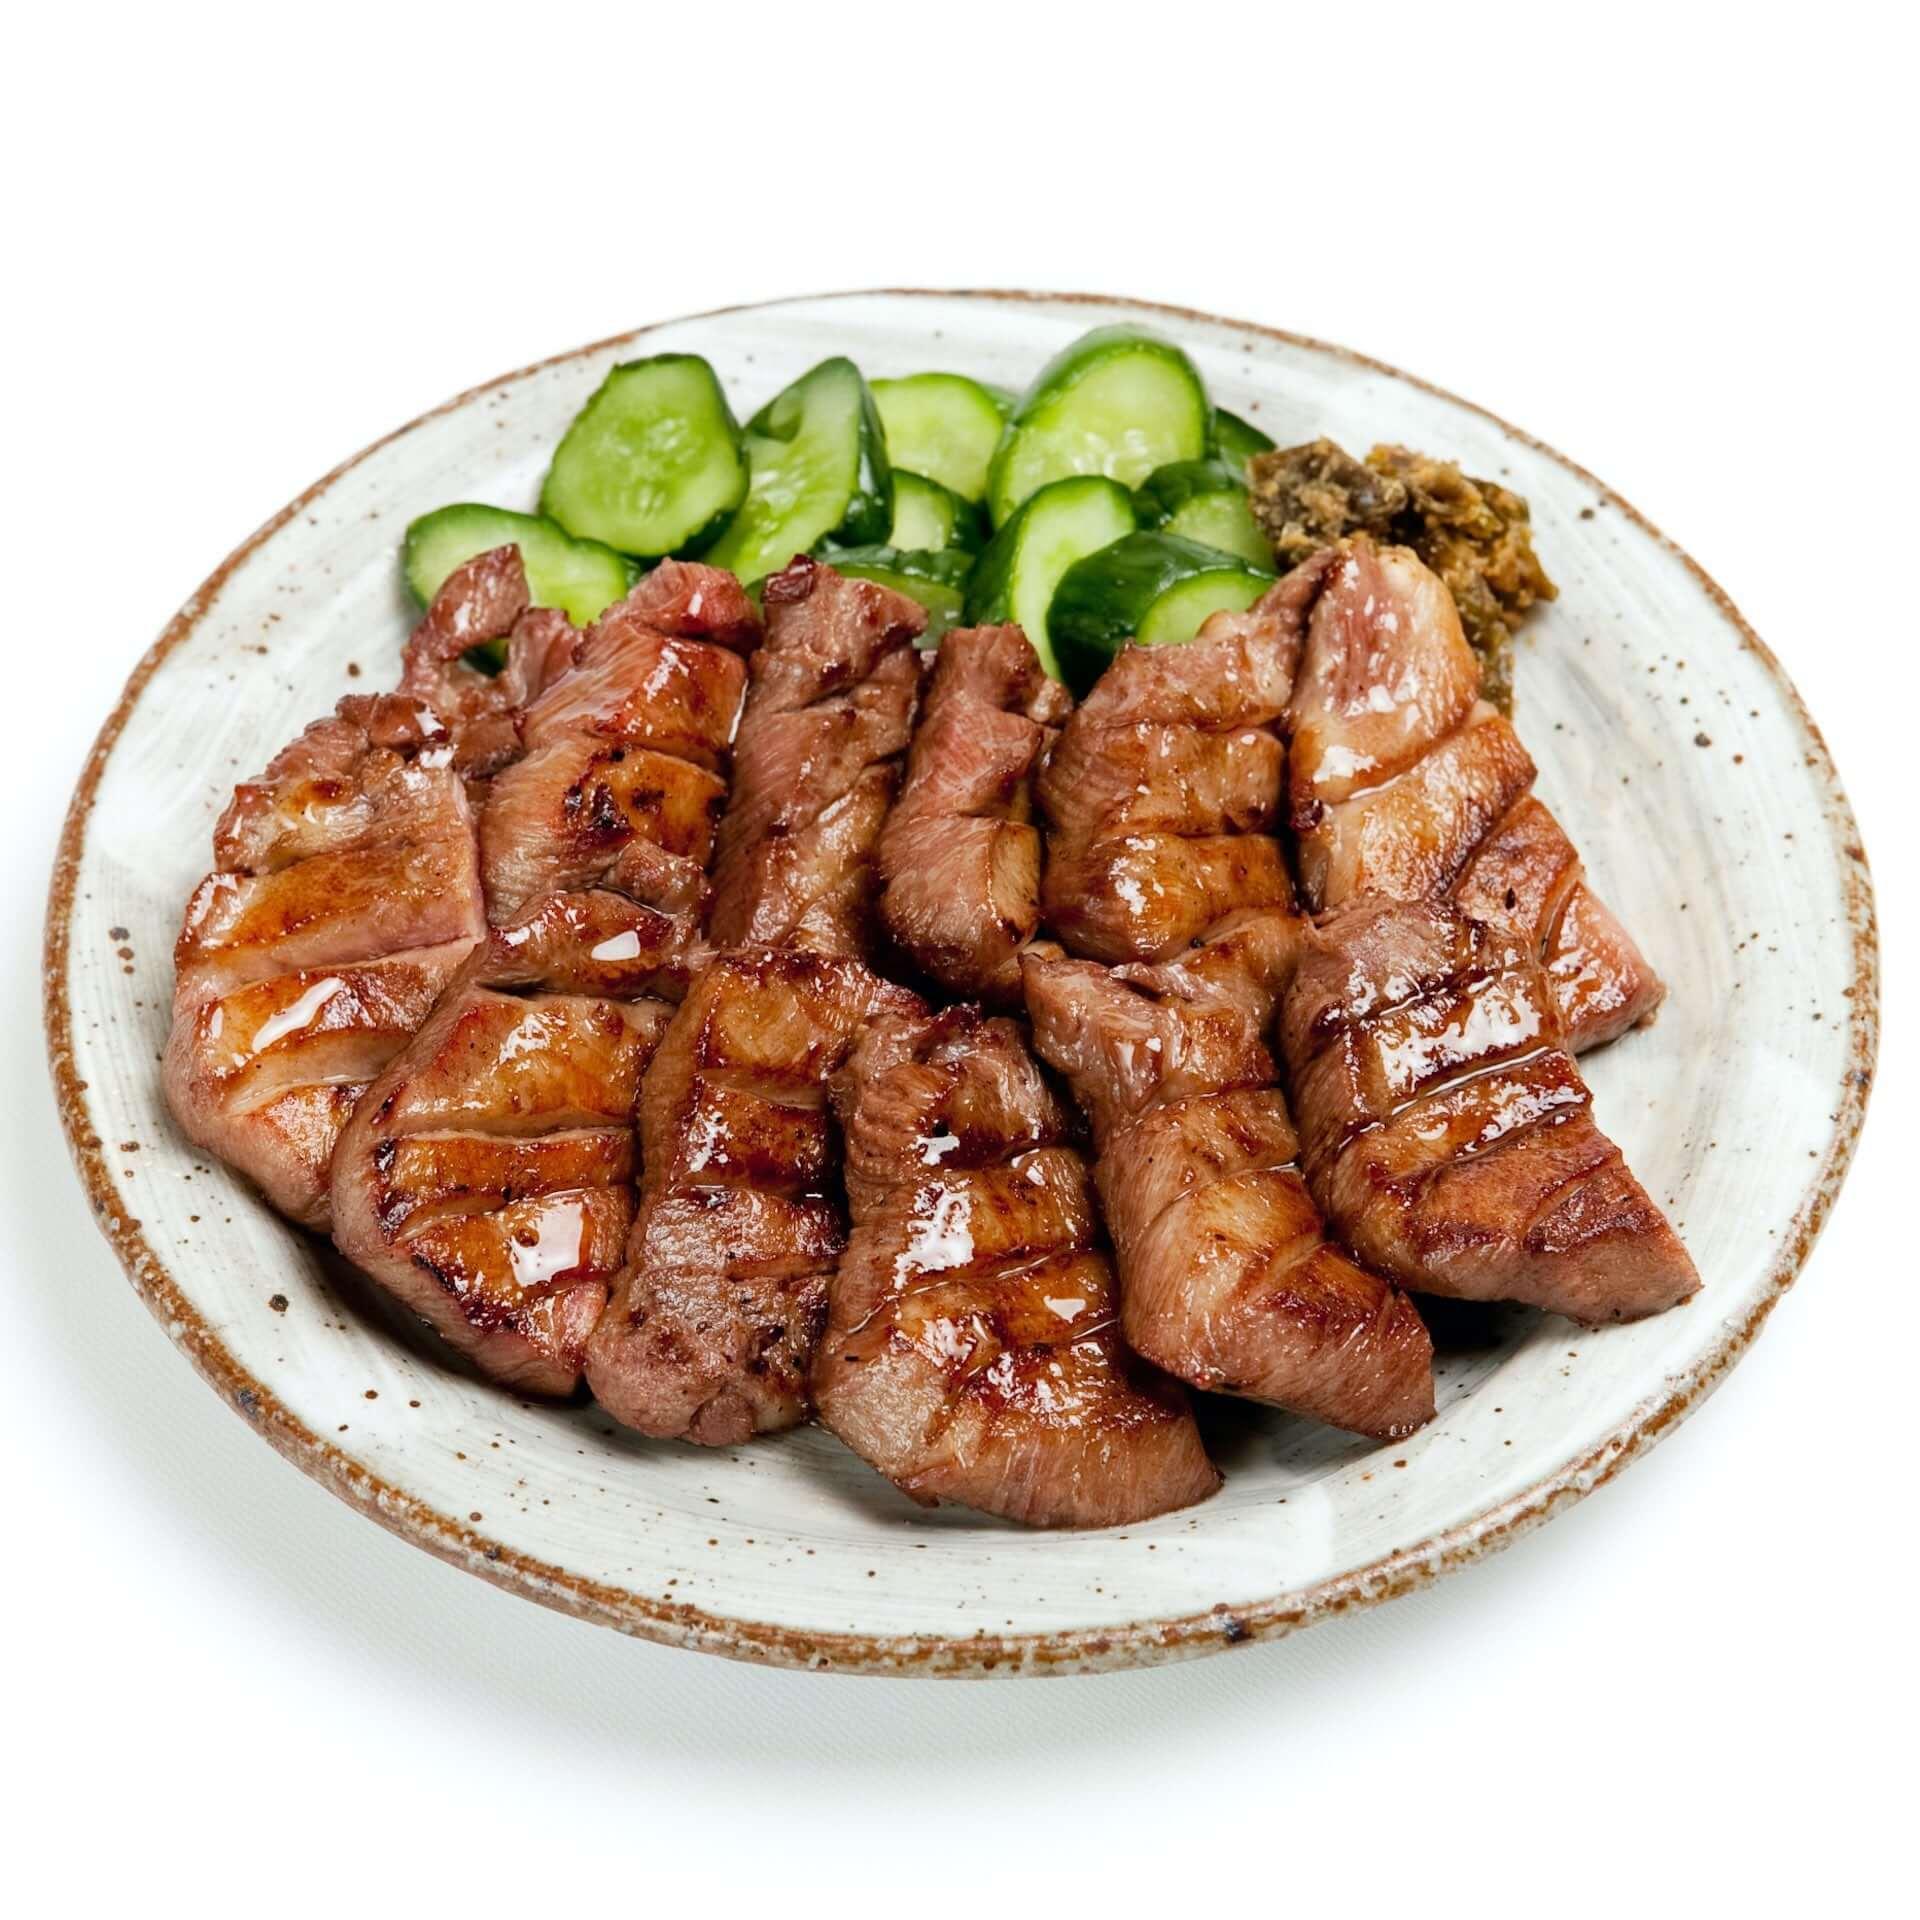 「味の牛たん喜助」の職人が仕込むジューシーな牛たんから期間限定の『たれ味』が登場!『しお味』との食べ比べセットも発売決定 gourmet210120_kisuke_8-1920x1920